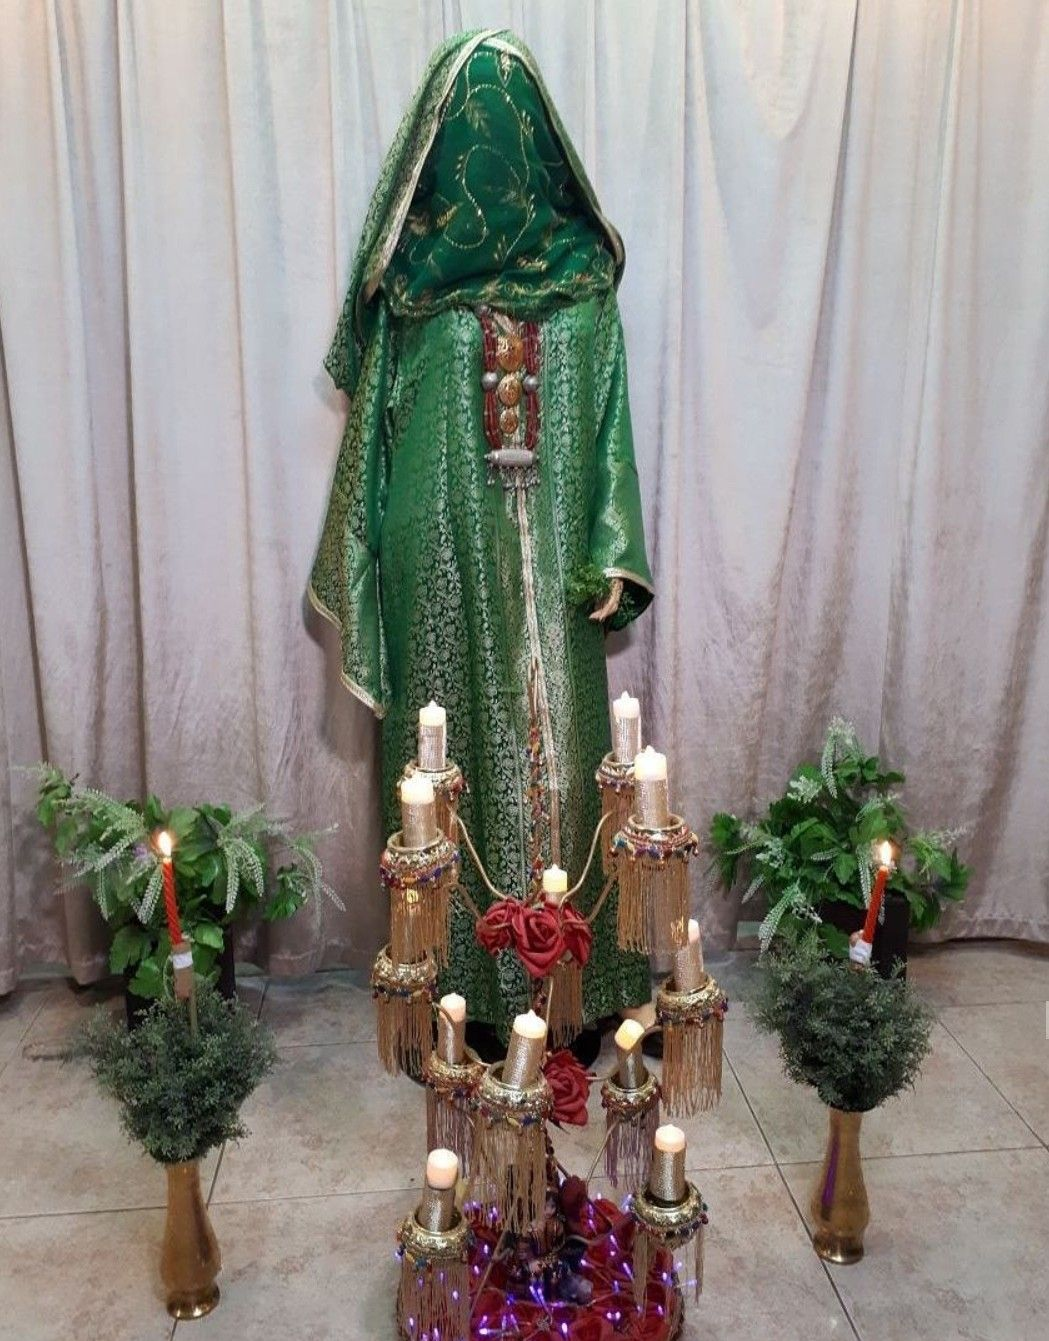 لباس العروس الصنعانيه في ليله الحناء Yemen Women Holiday Decor Decor